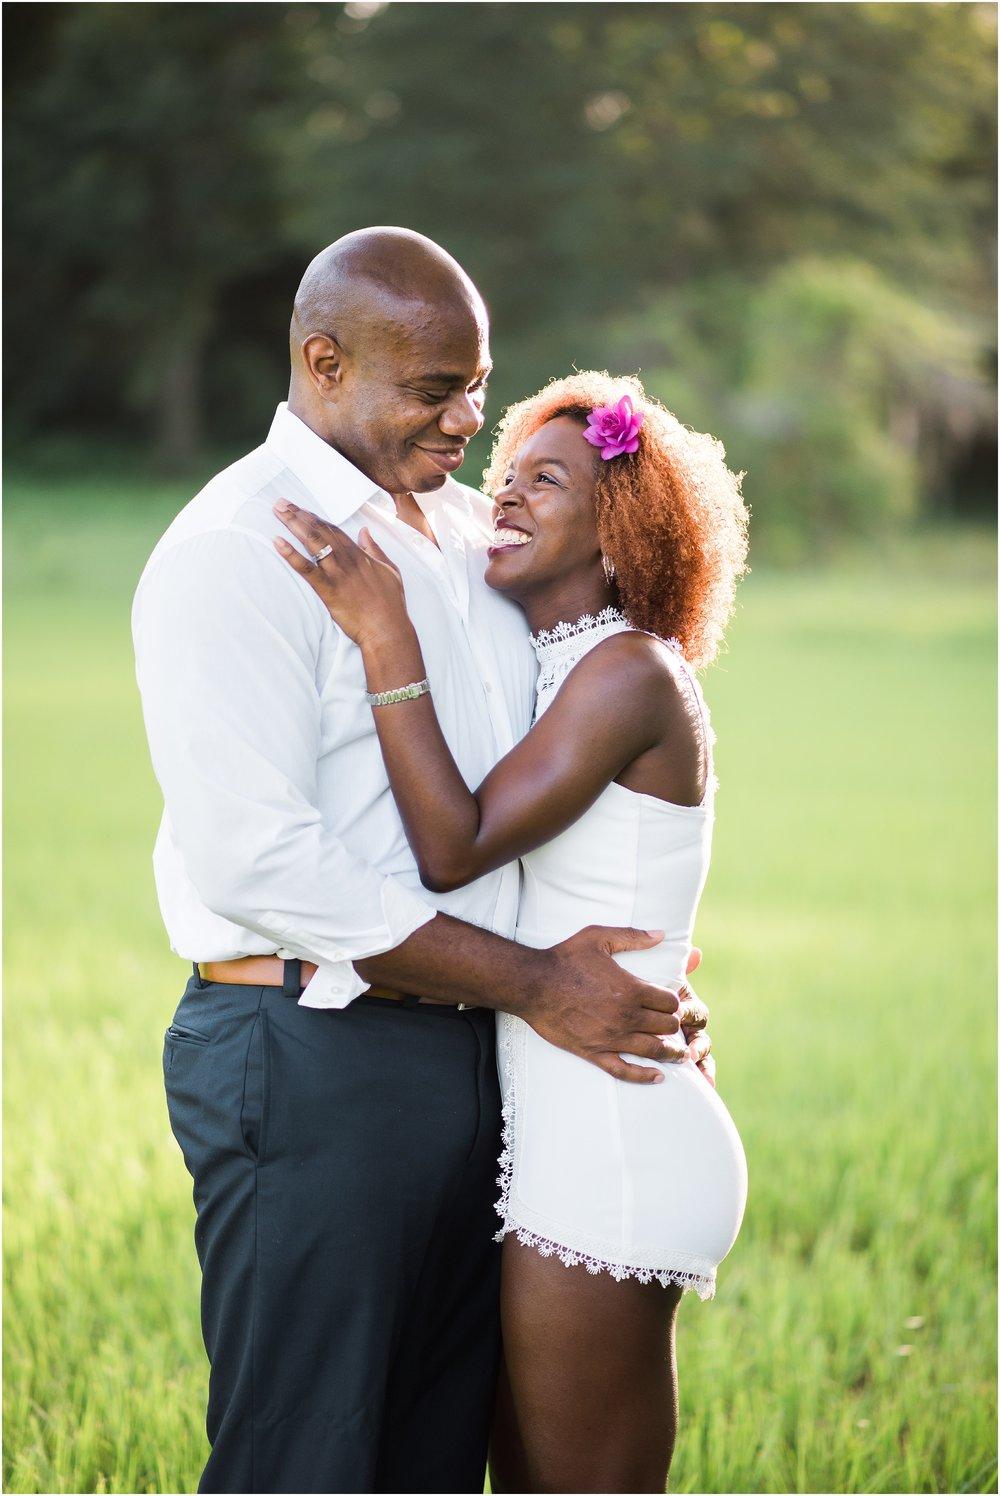 Kacy & Rolanda Vow Renewal at J.R Alford Greenway, Tallahassee FL_0003.jpg